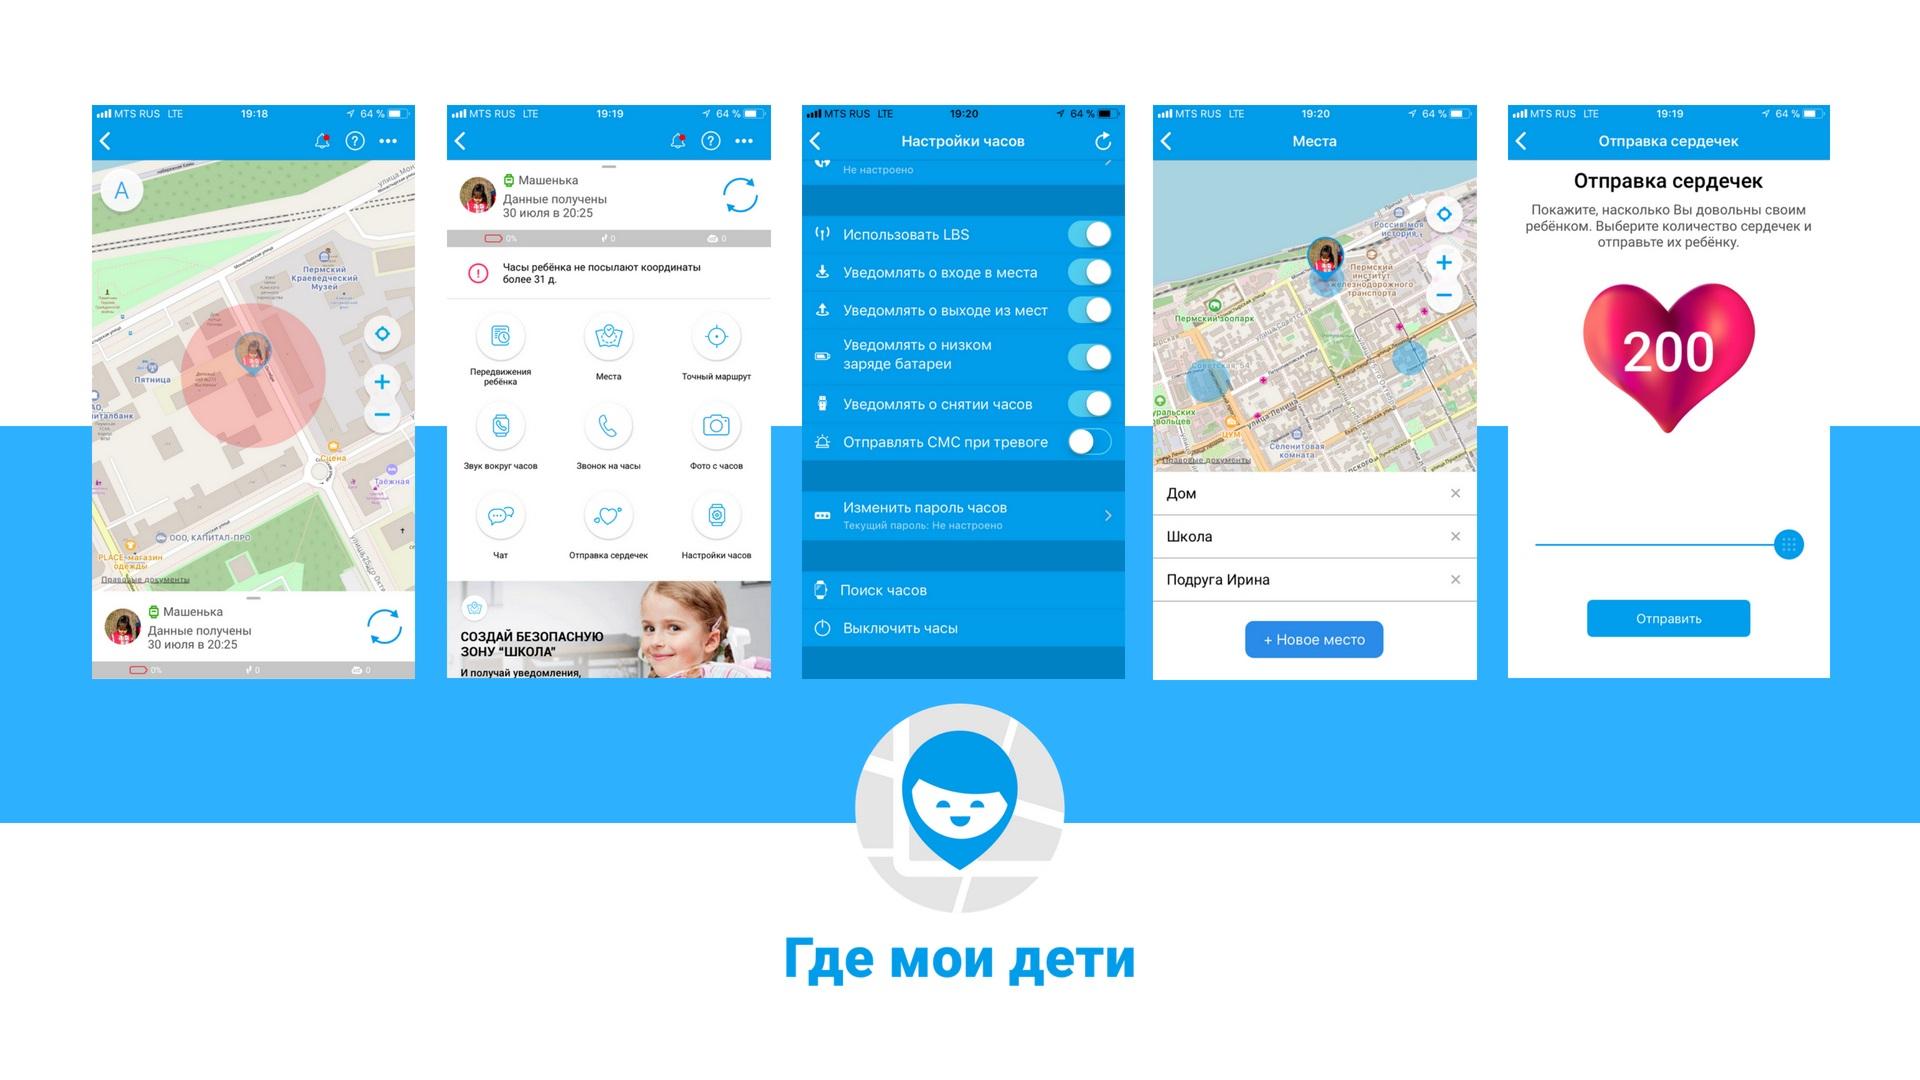 приложение где мои дети для андроид